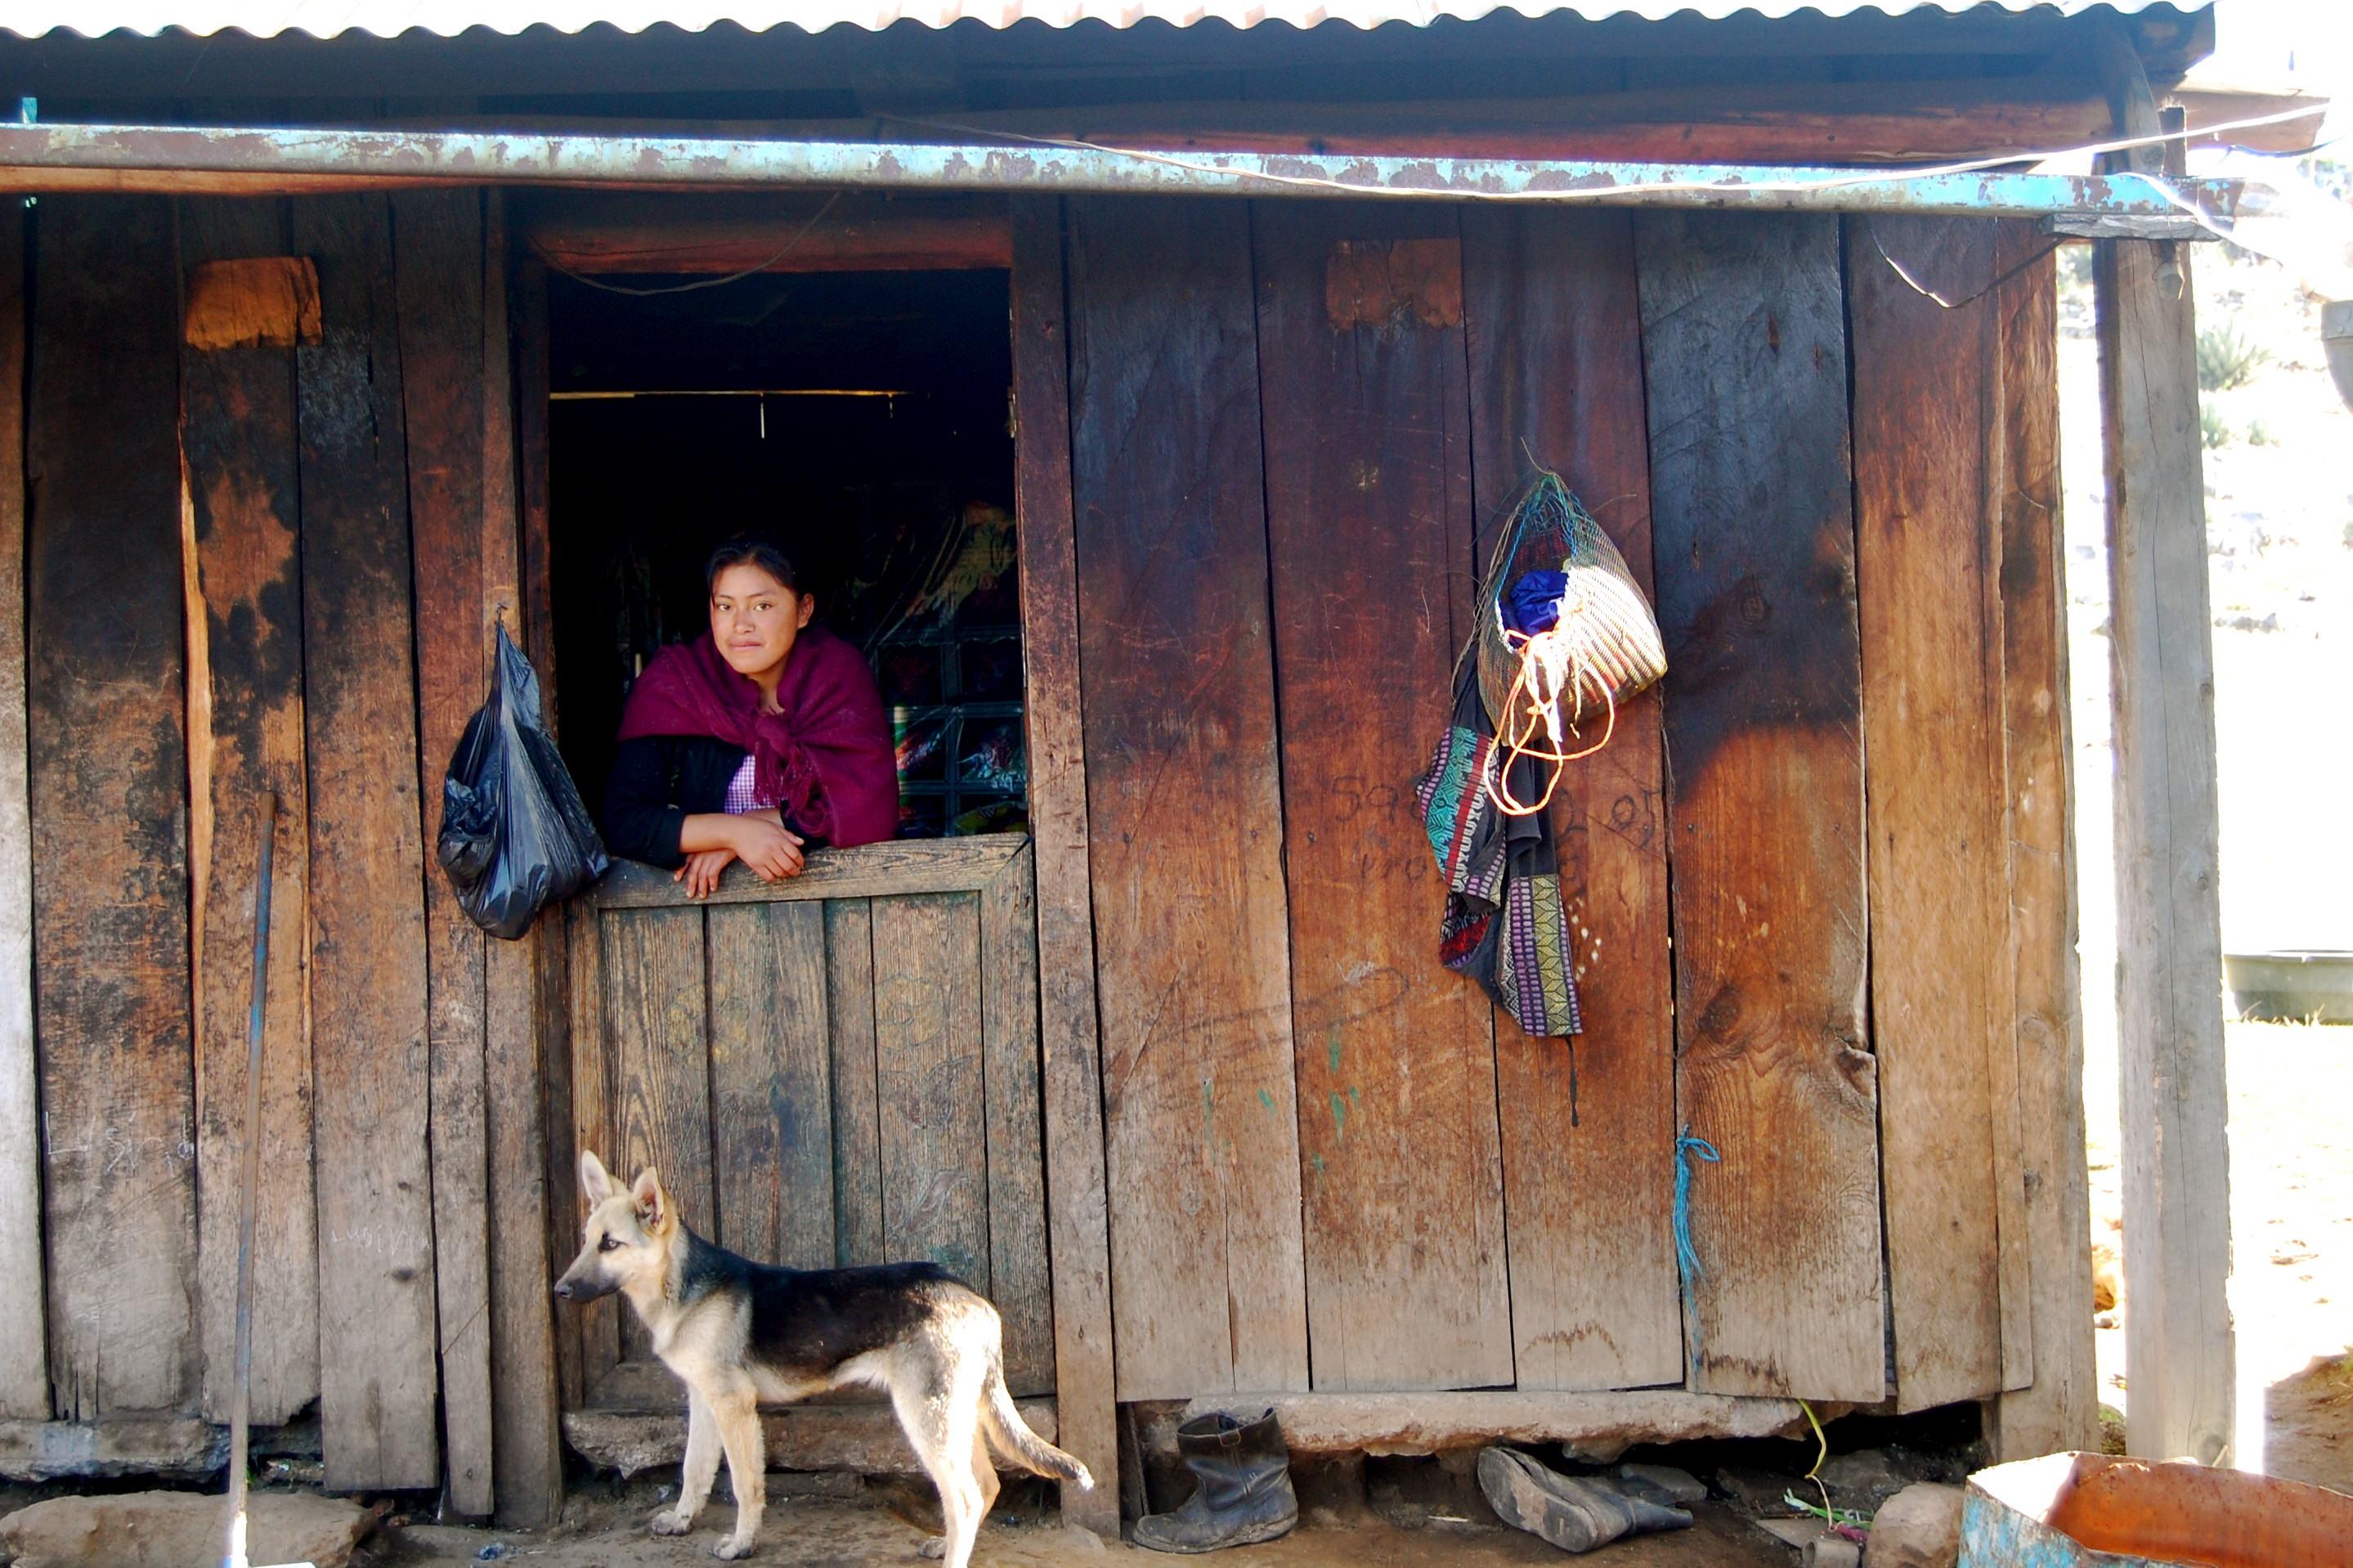 Nicaraguan girl and dog in door